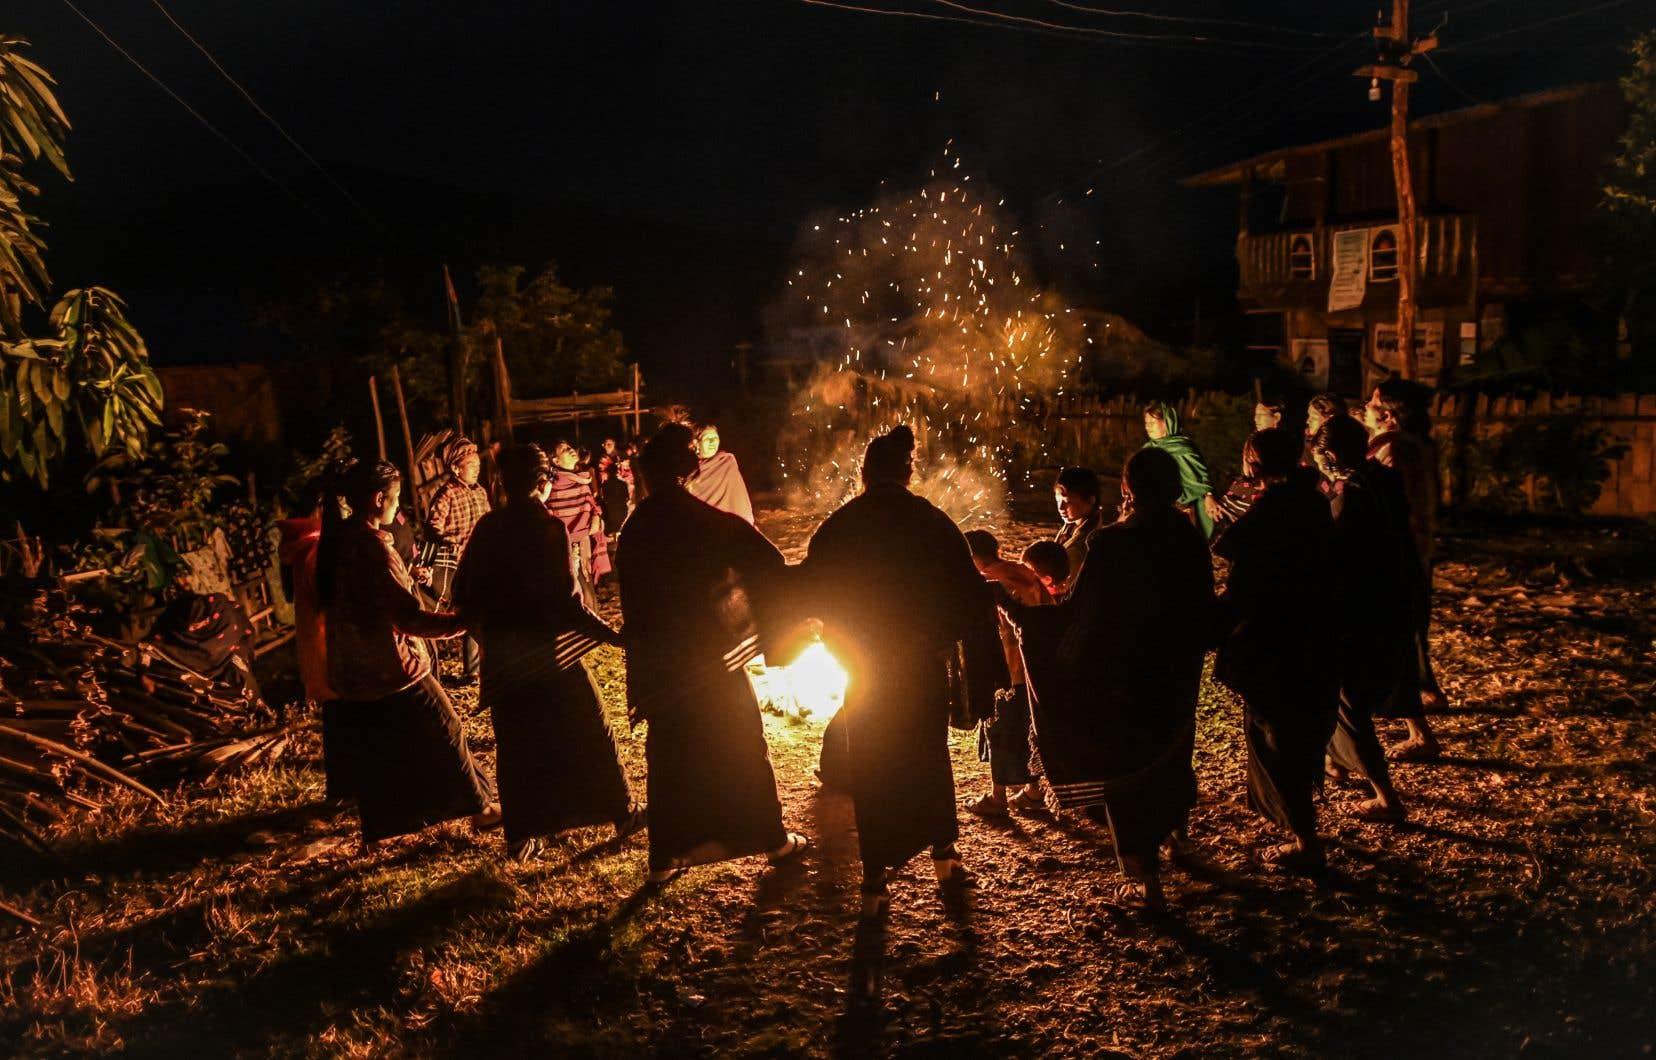 Le rituel du feu se poursuit jusqu'à l'aube.